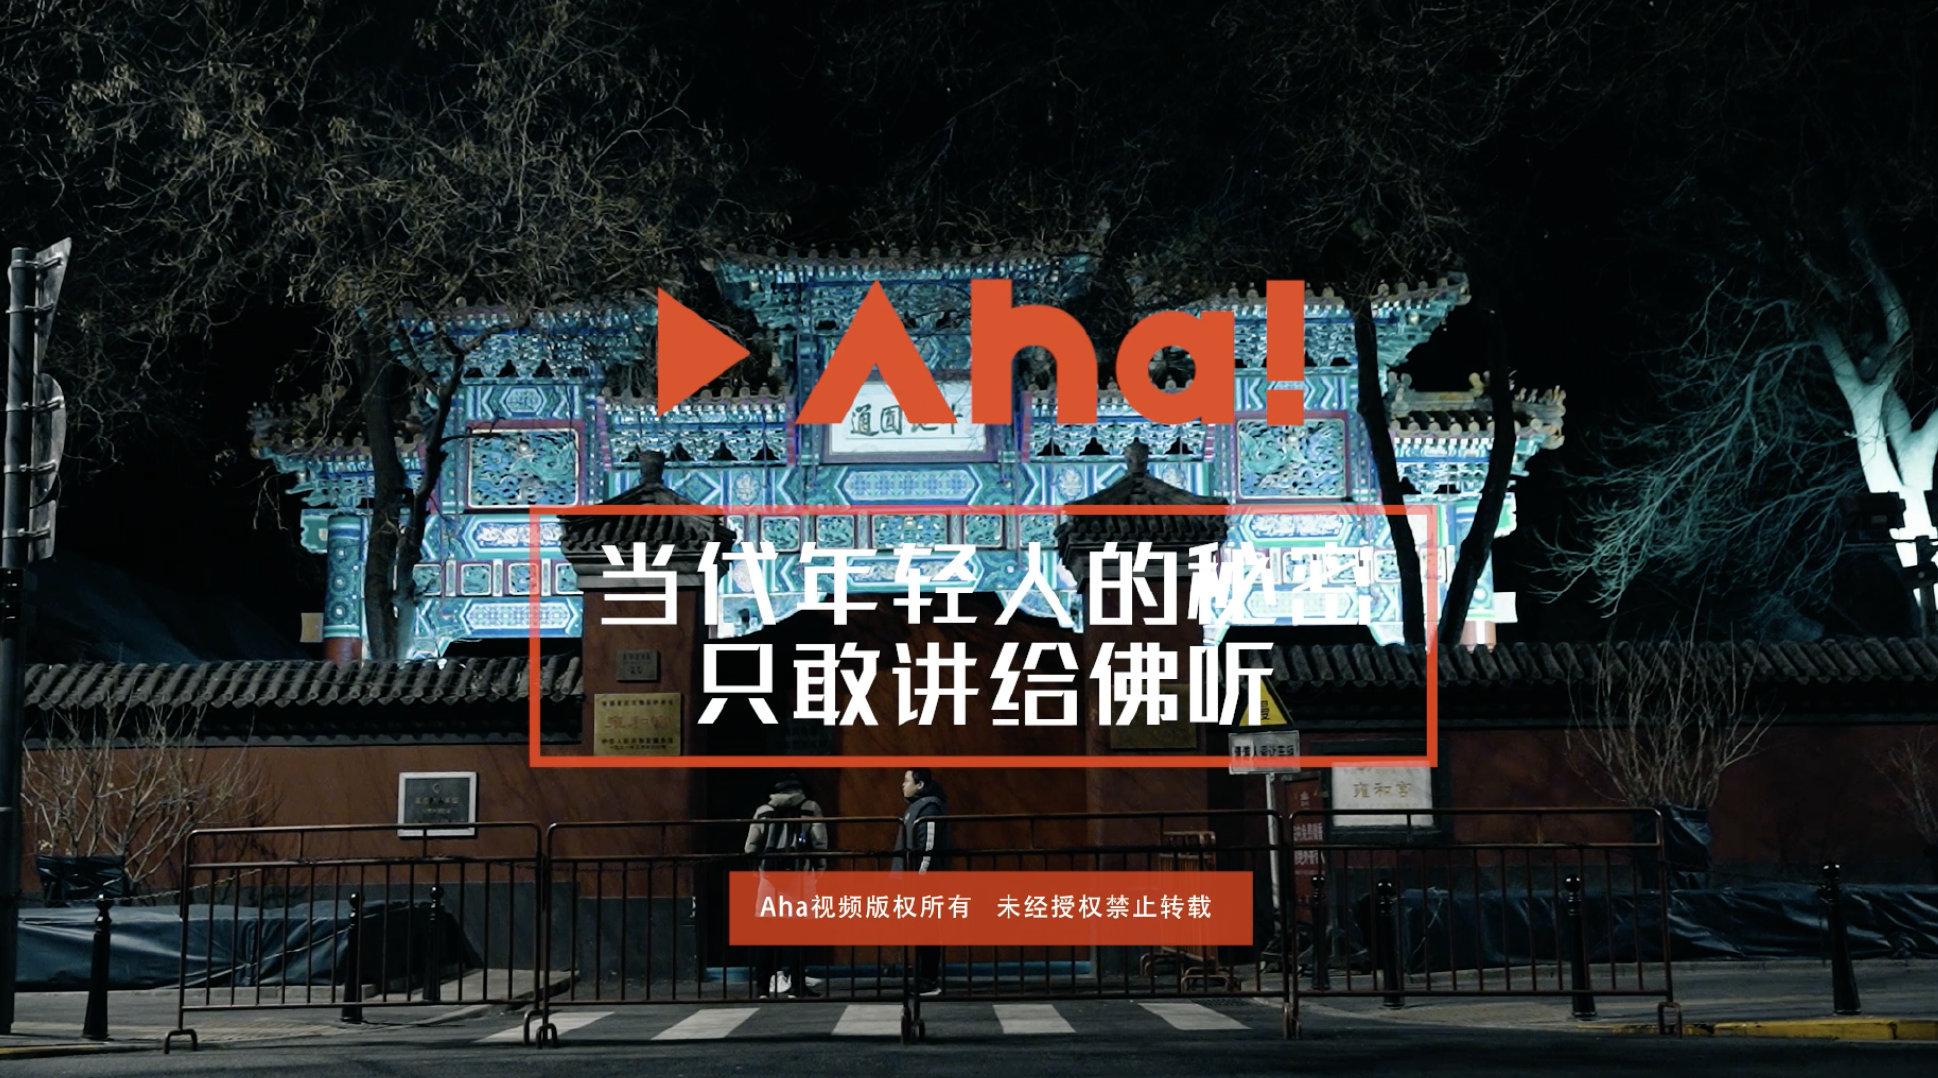 雍和宫在北京二环内,坐二号线和五号线就能到,据说求事业特别灵